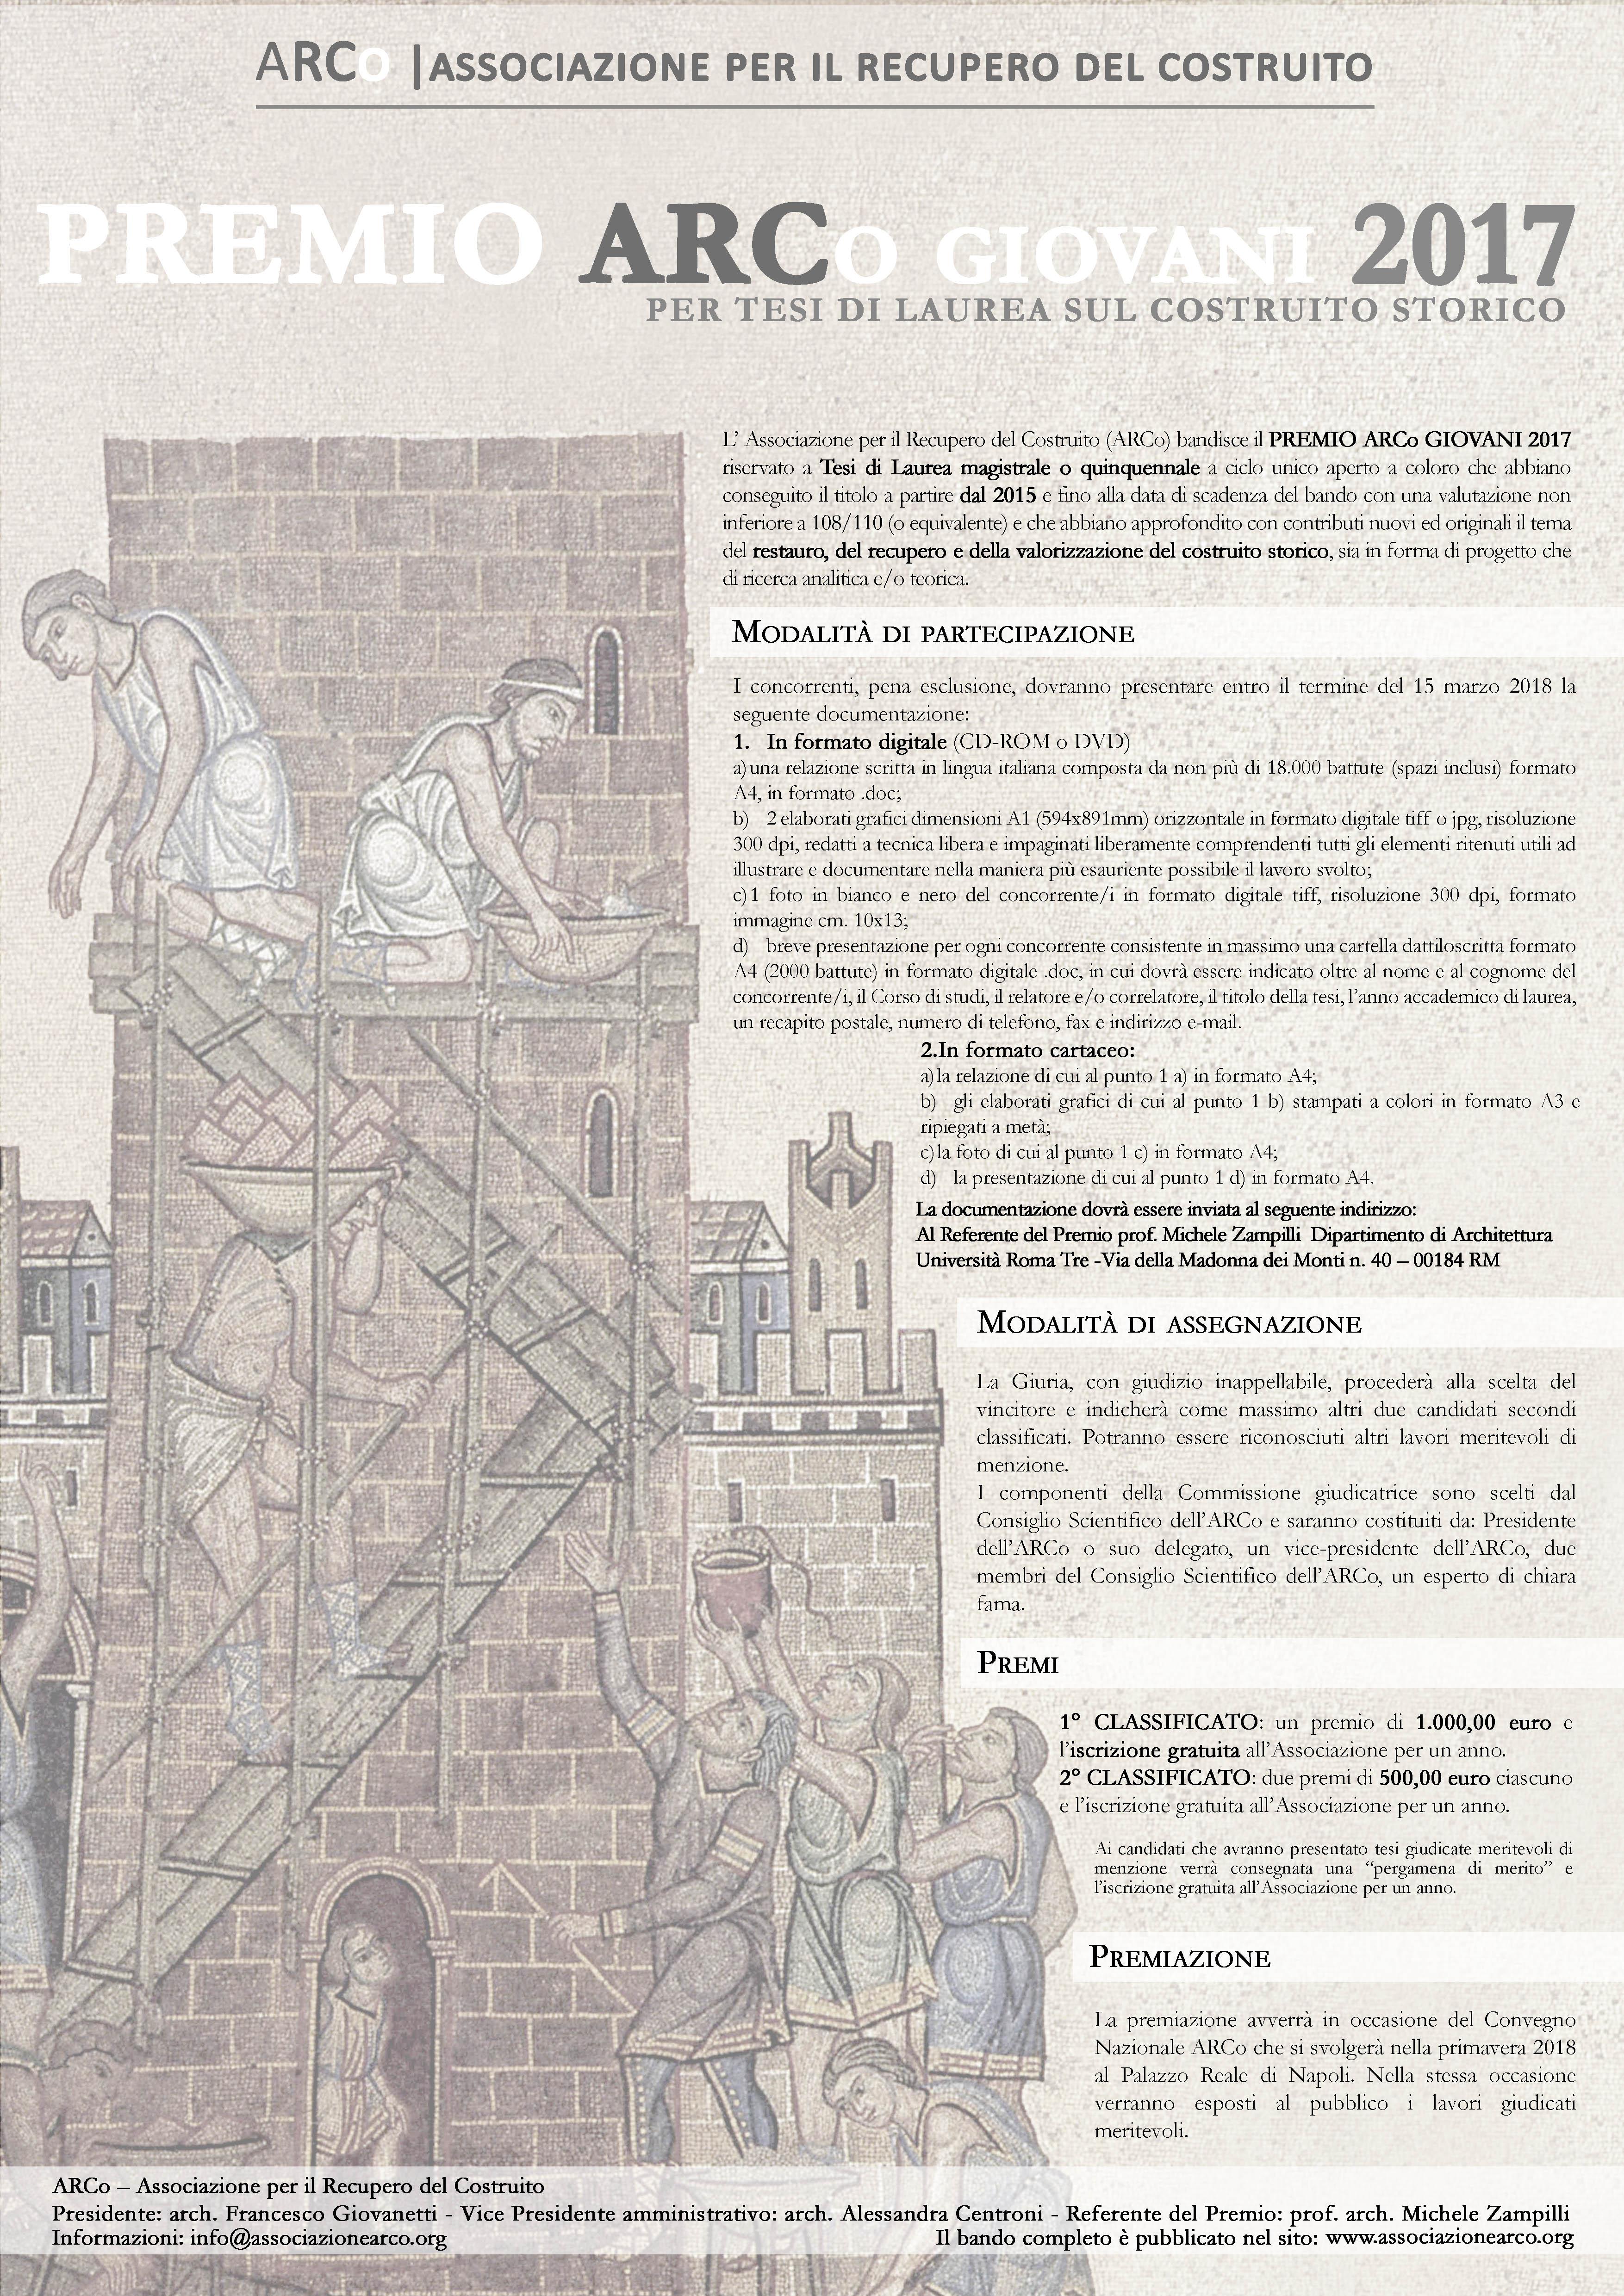 Calendario Tesi Unifi Architettura.Premio Arco Giovani 2017 Candidature Entro Il 15 Marzo 2018